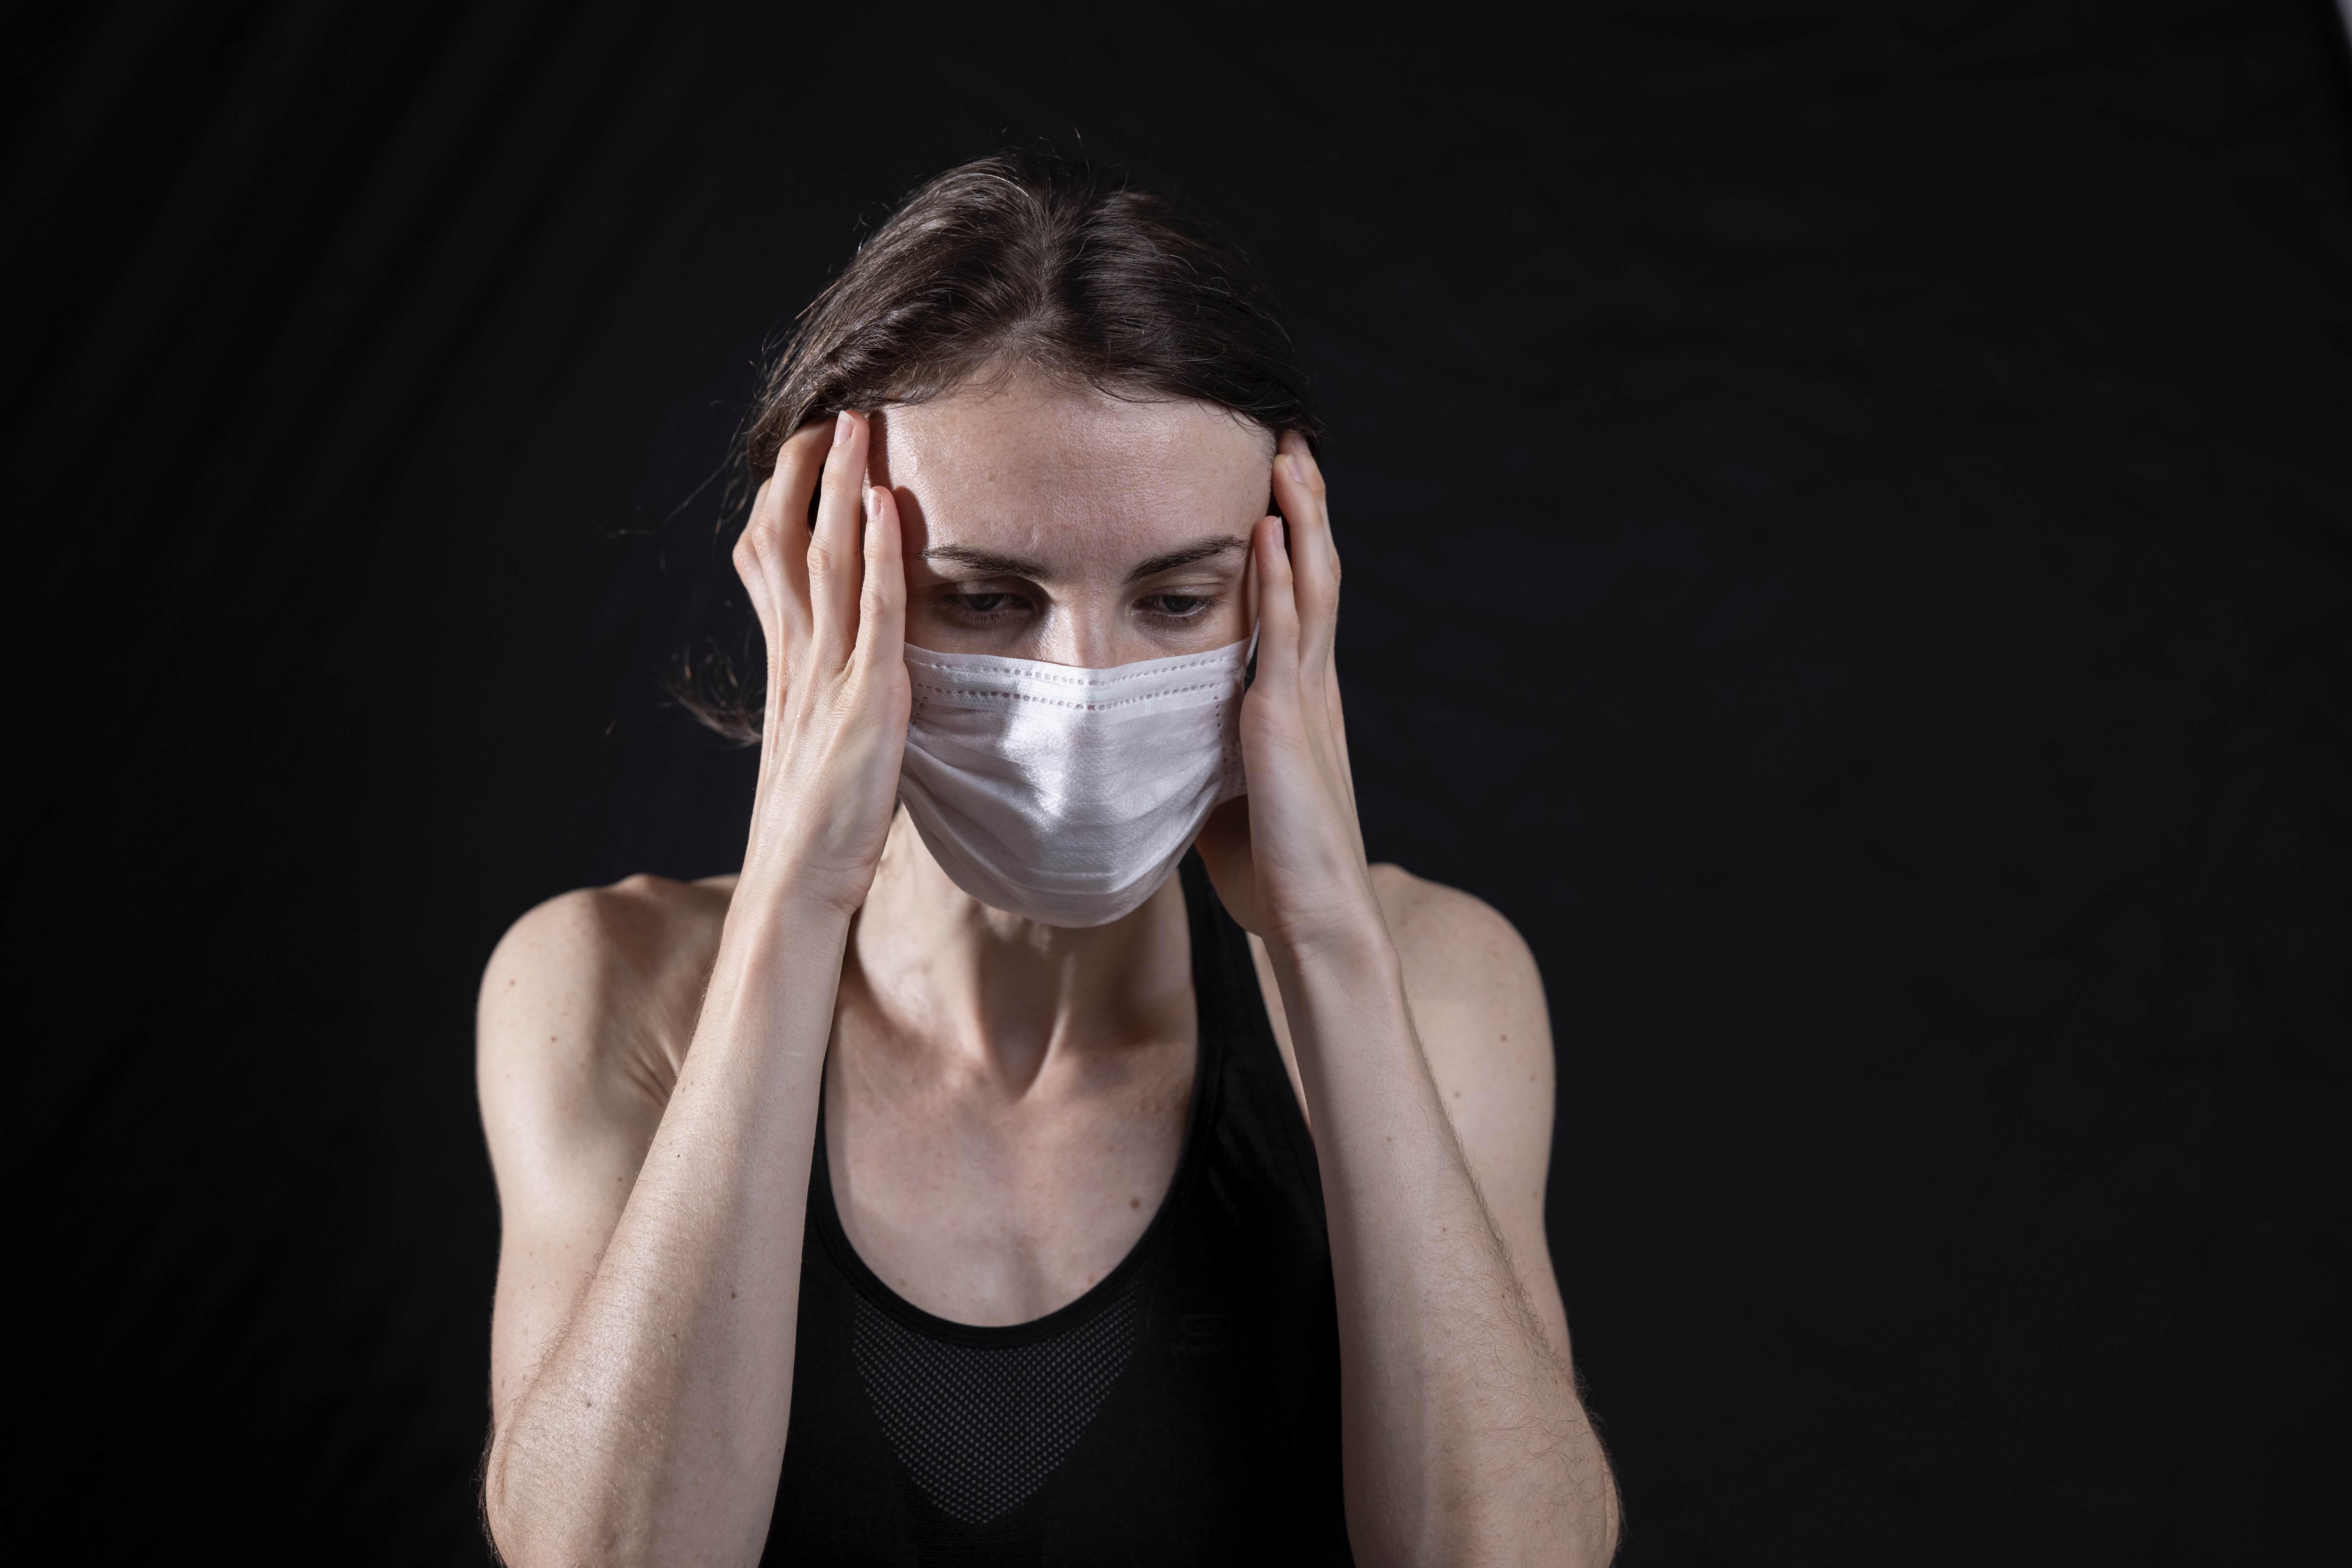 Flu Season and Covid-19